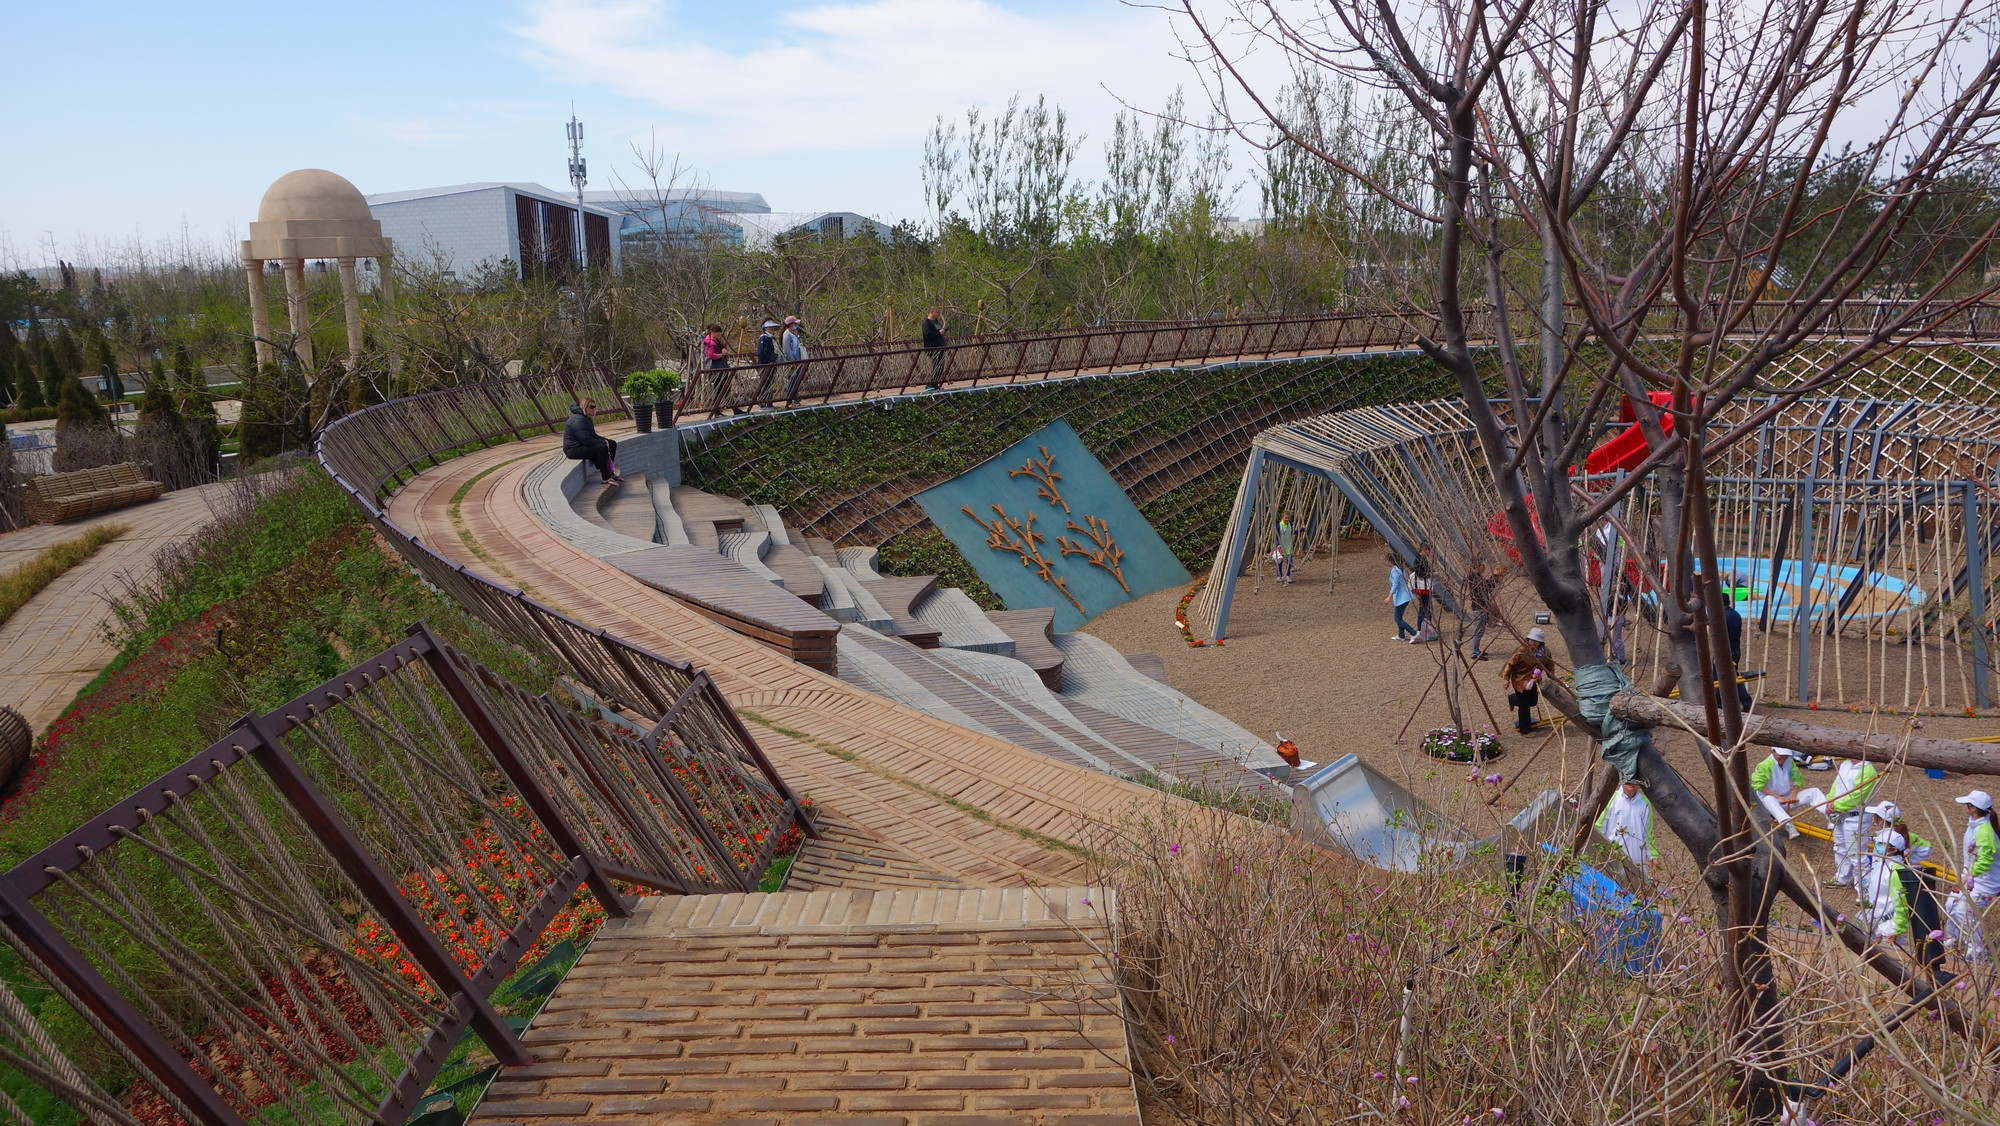 Arquitectura y Paisaje: Droplet Garden, variedad e irregularidad de la topografía colombiana proyectada en China, Courtesy of Diana Wiesner